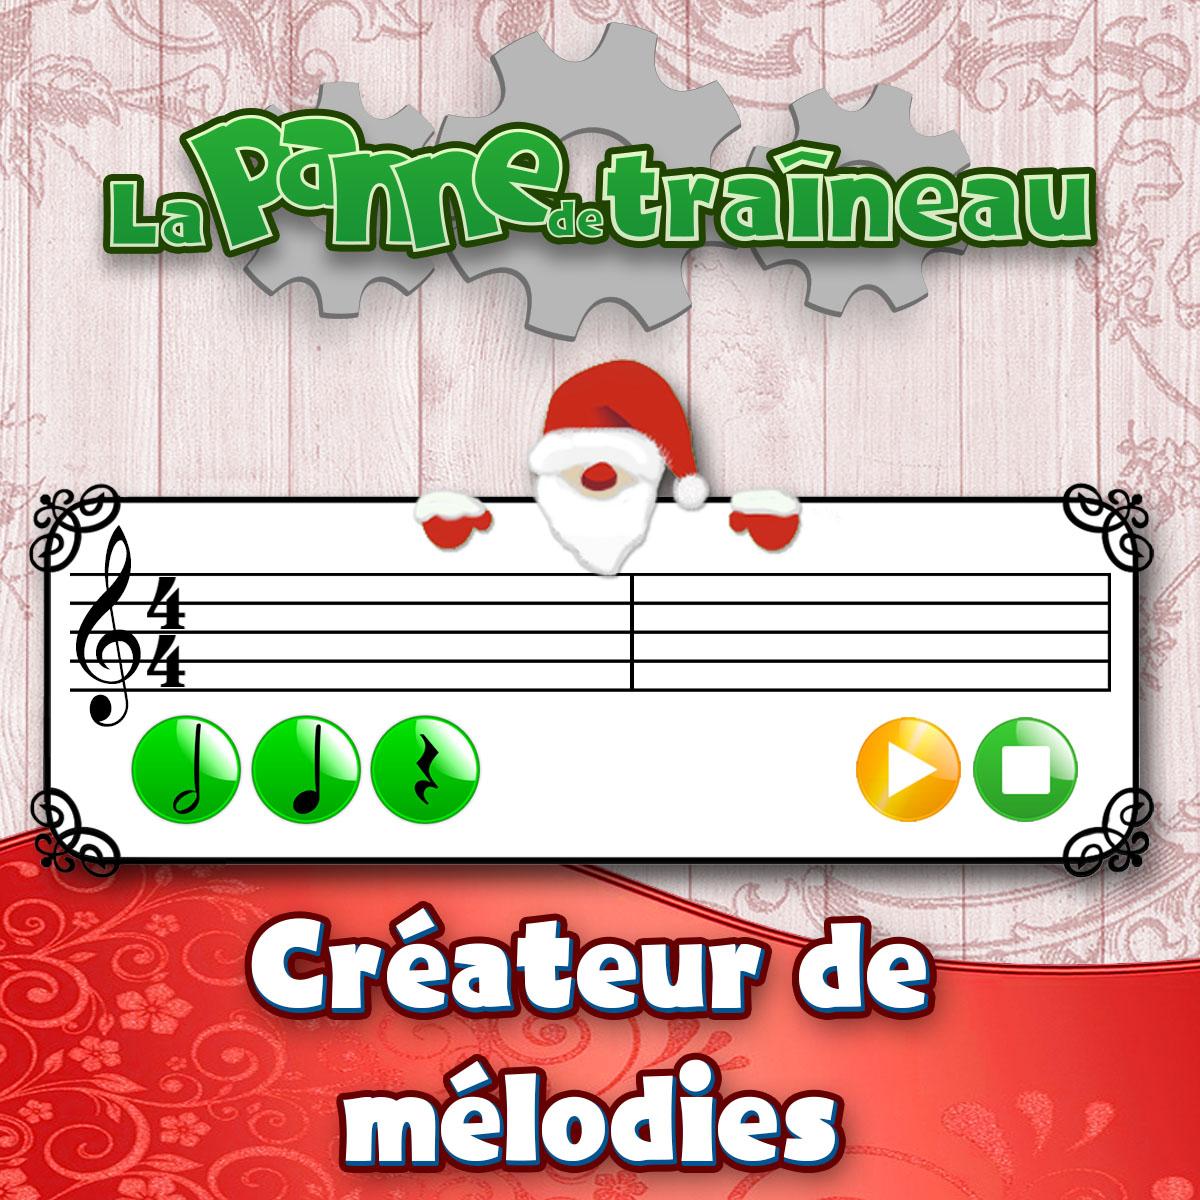 Créateur de mélodies